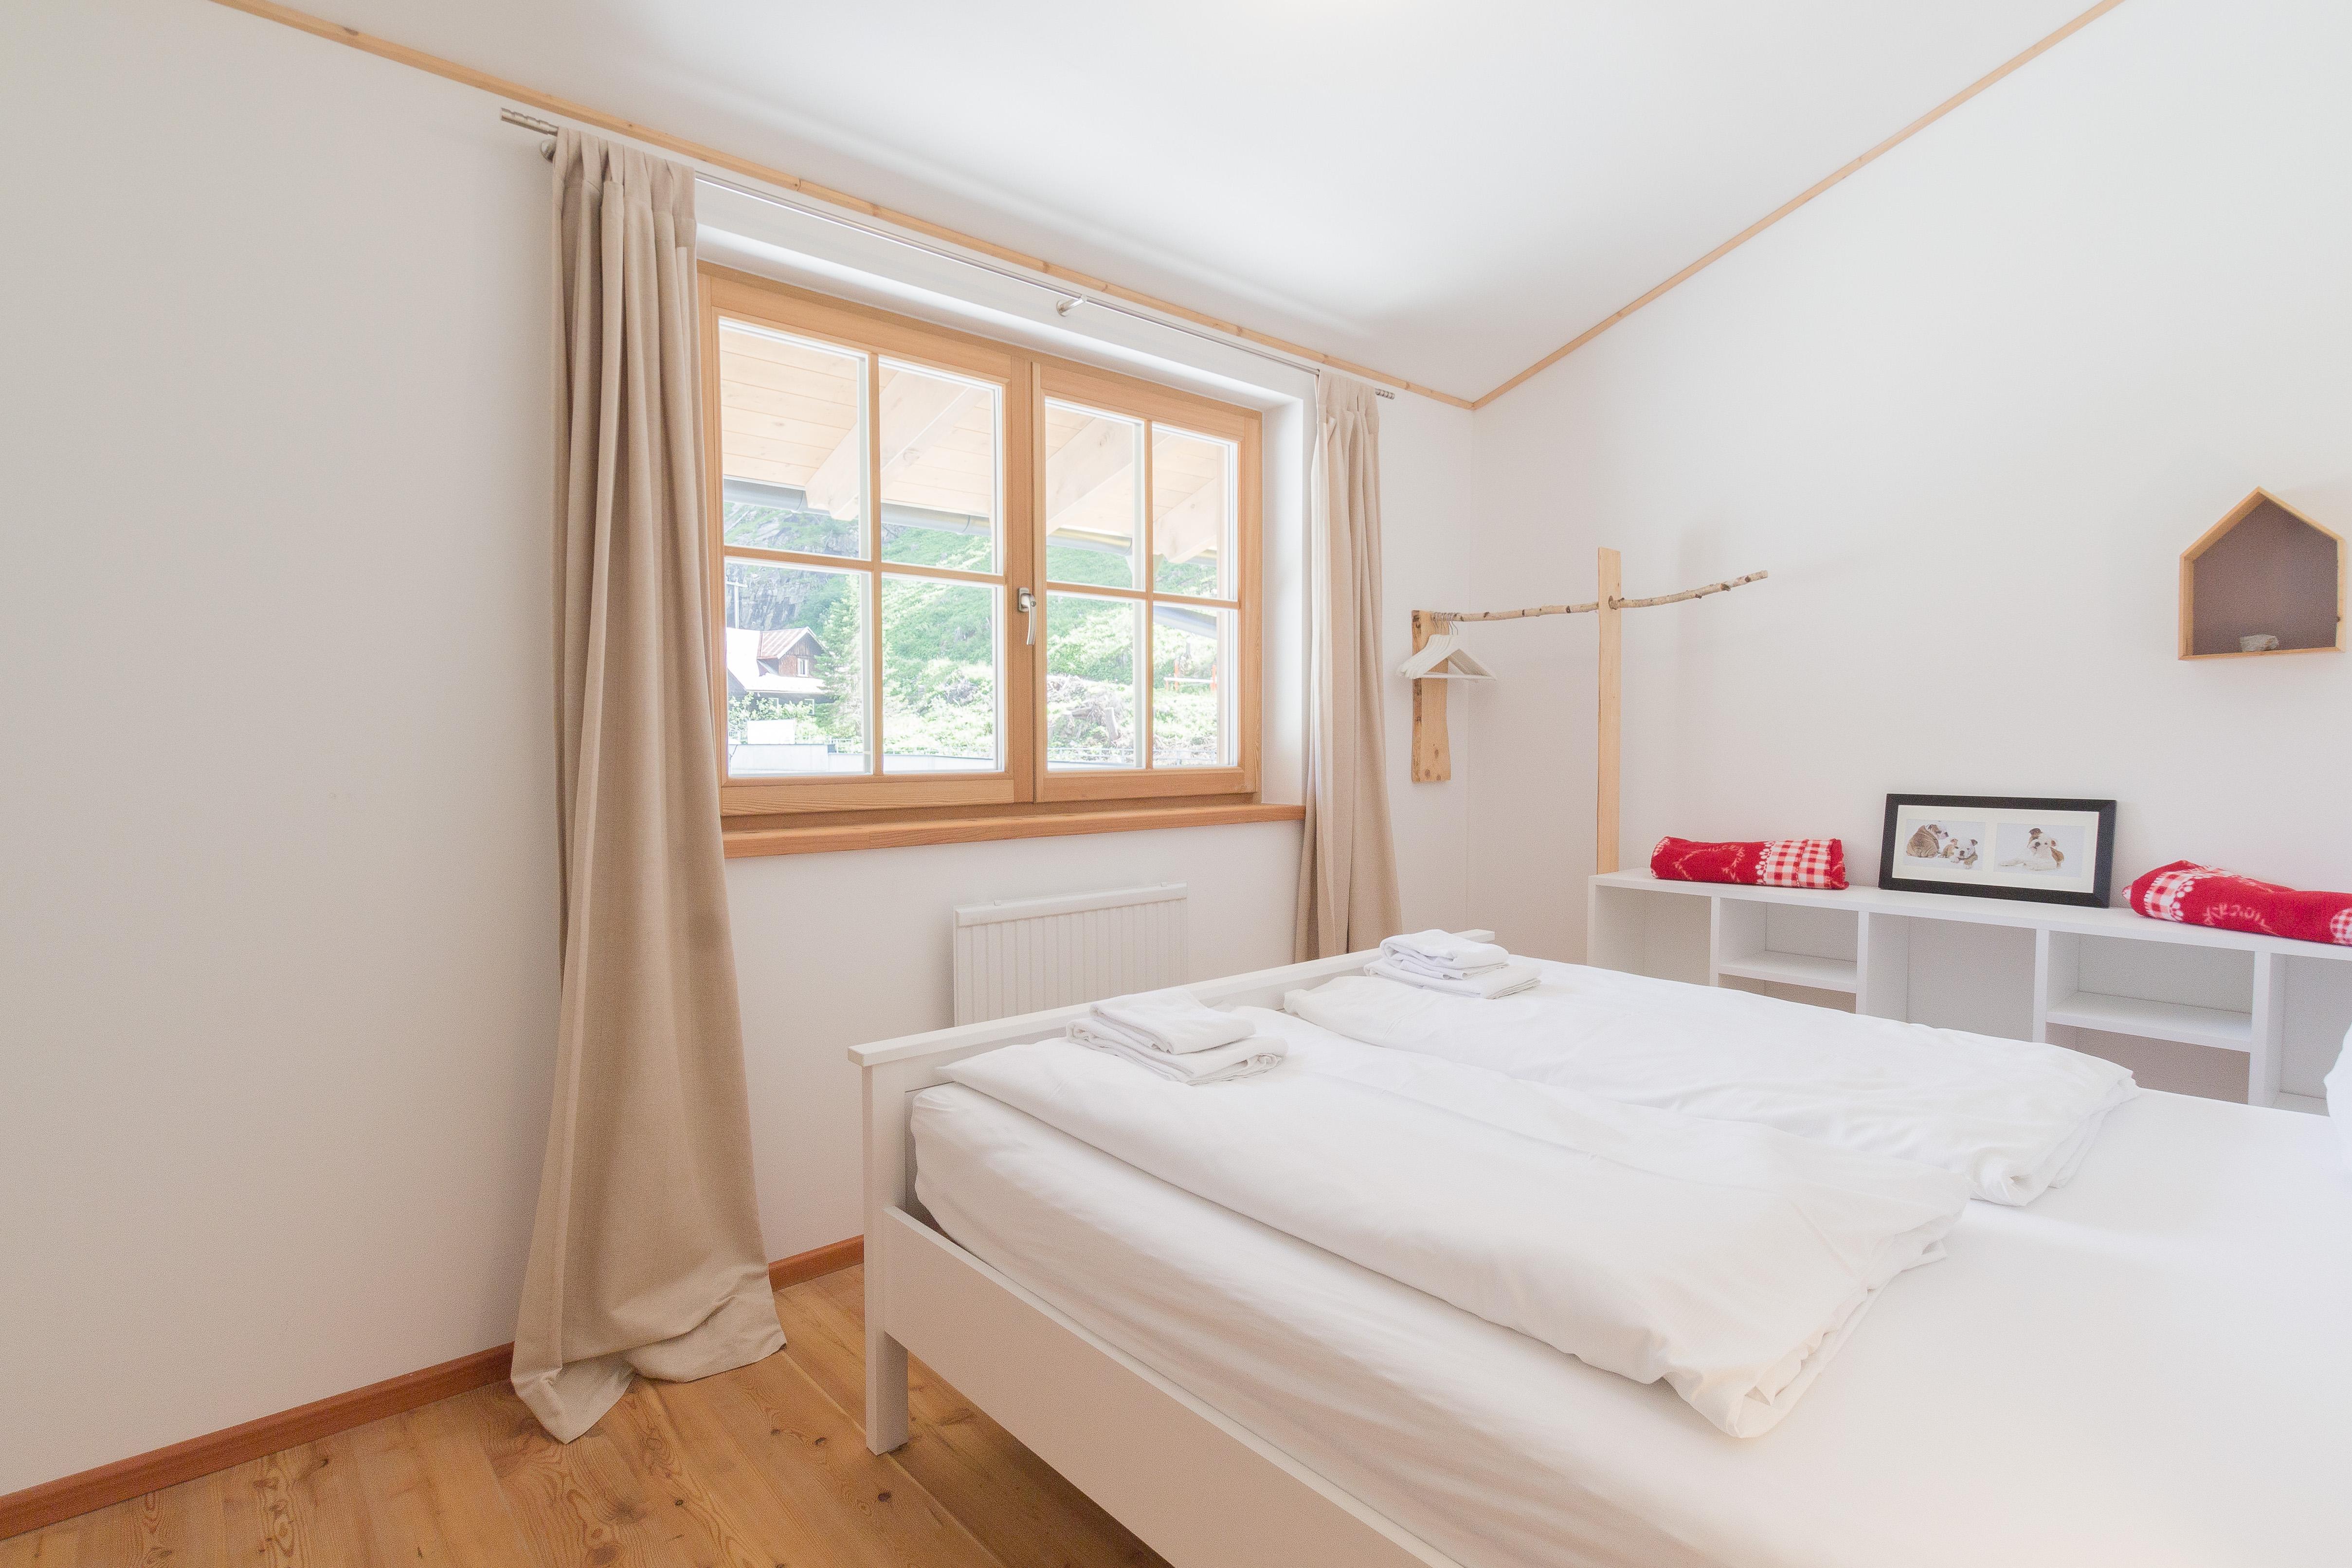 Maison de vacances Lodge Enzian direkt am Skilift (2050396), Uttendorf, Pinzgau, Salzbourg, Autriche, image 24